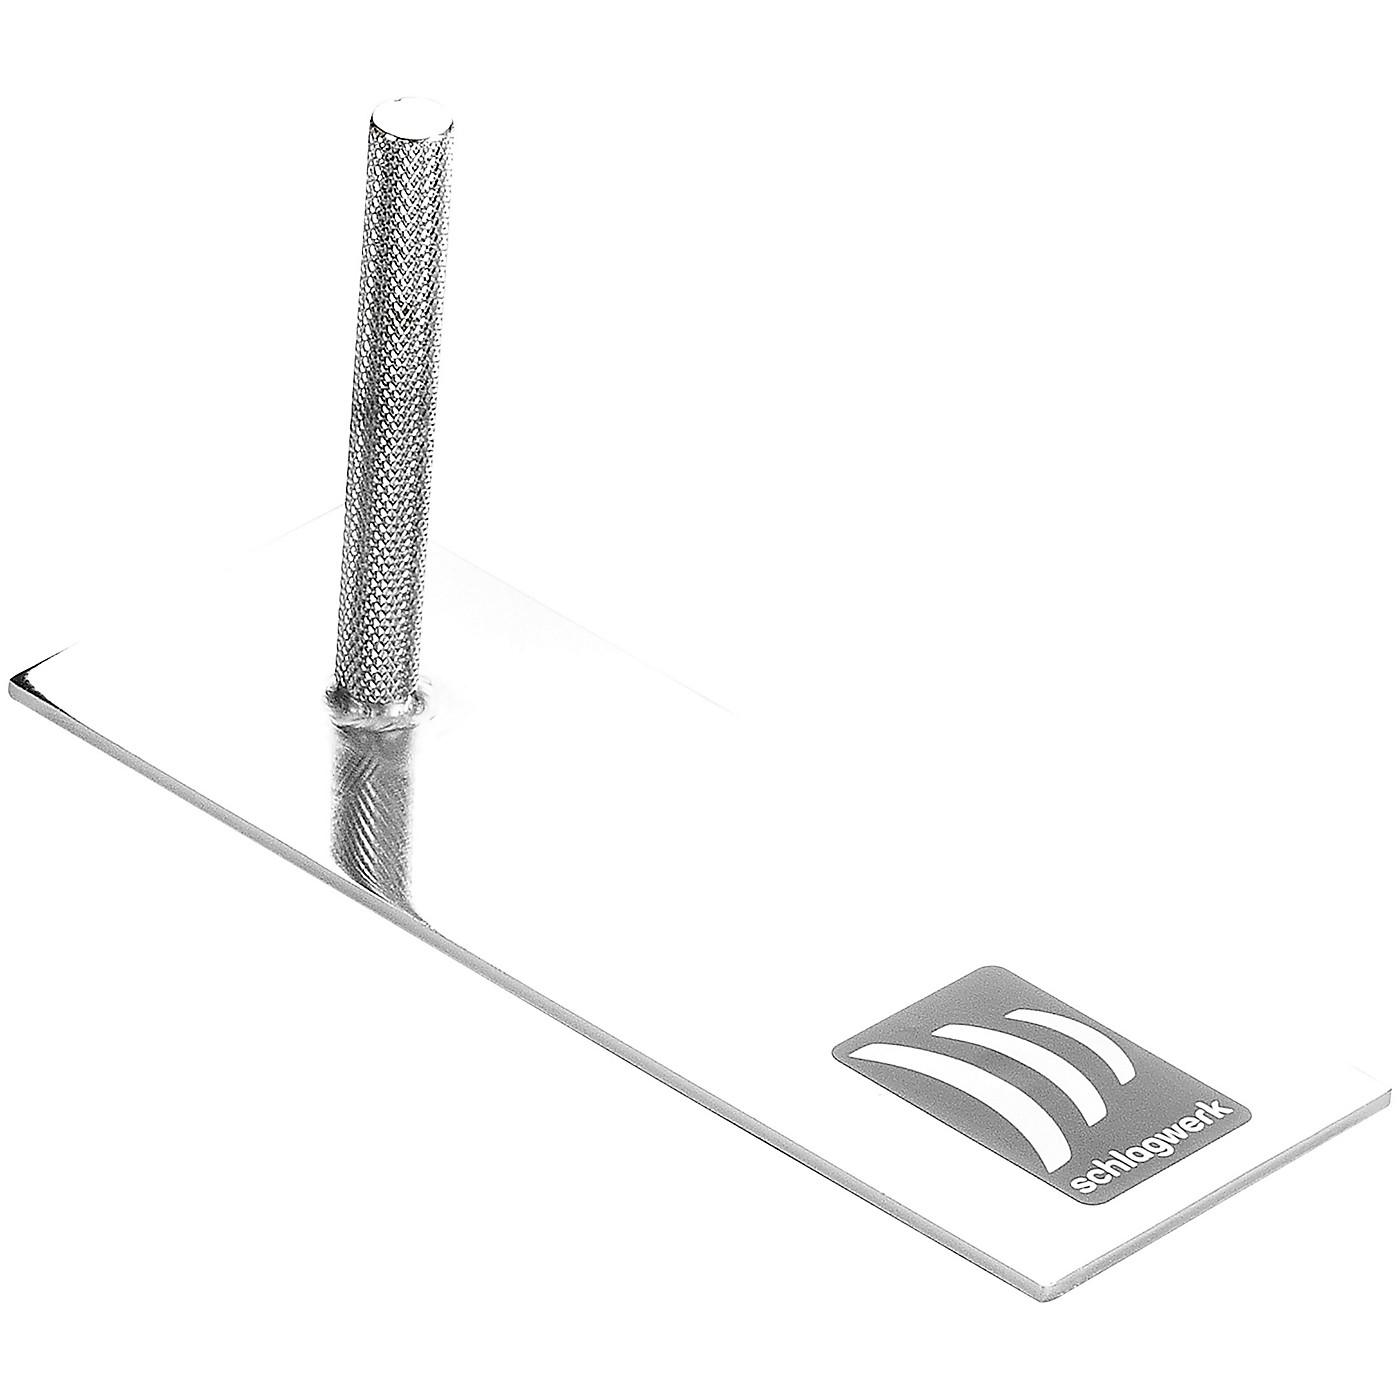 SCHLAGWERK Percussion Holder Rod - 9.2mm Diameter thumbnail